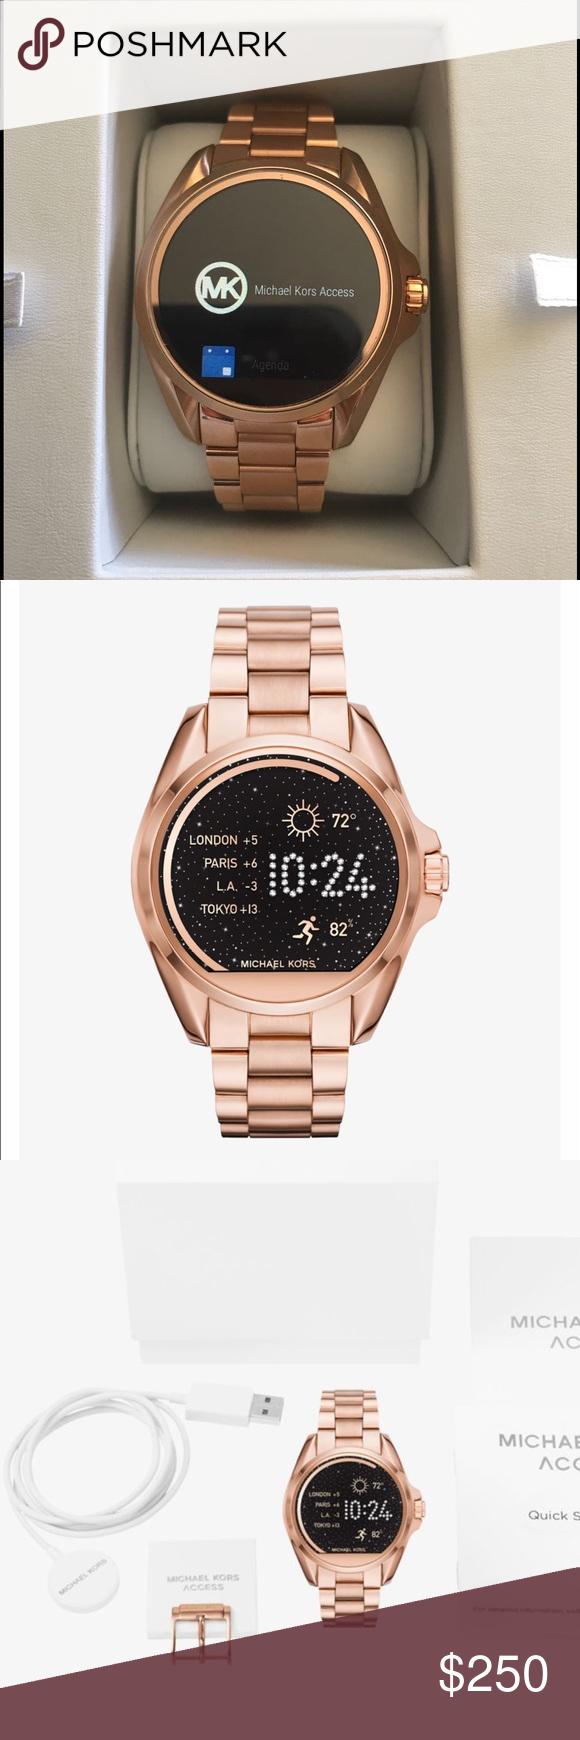 Michael Kors Smartwatch The Michael Kors Access Bradshaw Rose Gold Tone Smart Watch Worn Once Inc Armbanduhr Frauen Handtaschen Michael Kors Armbanduhr Damen